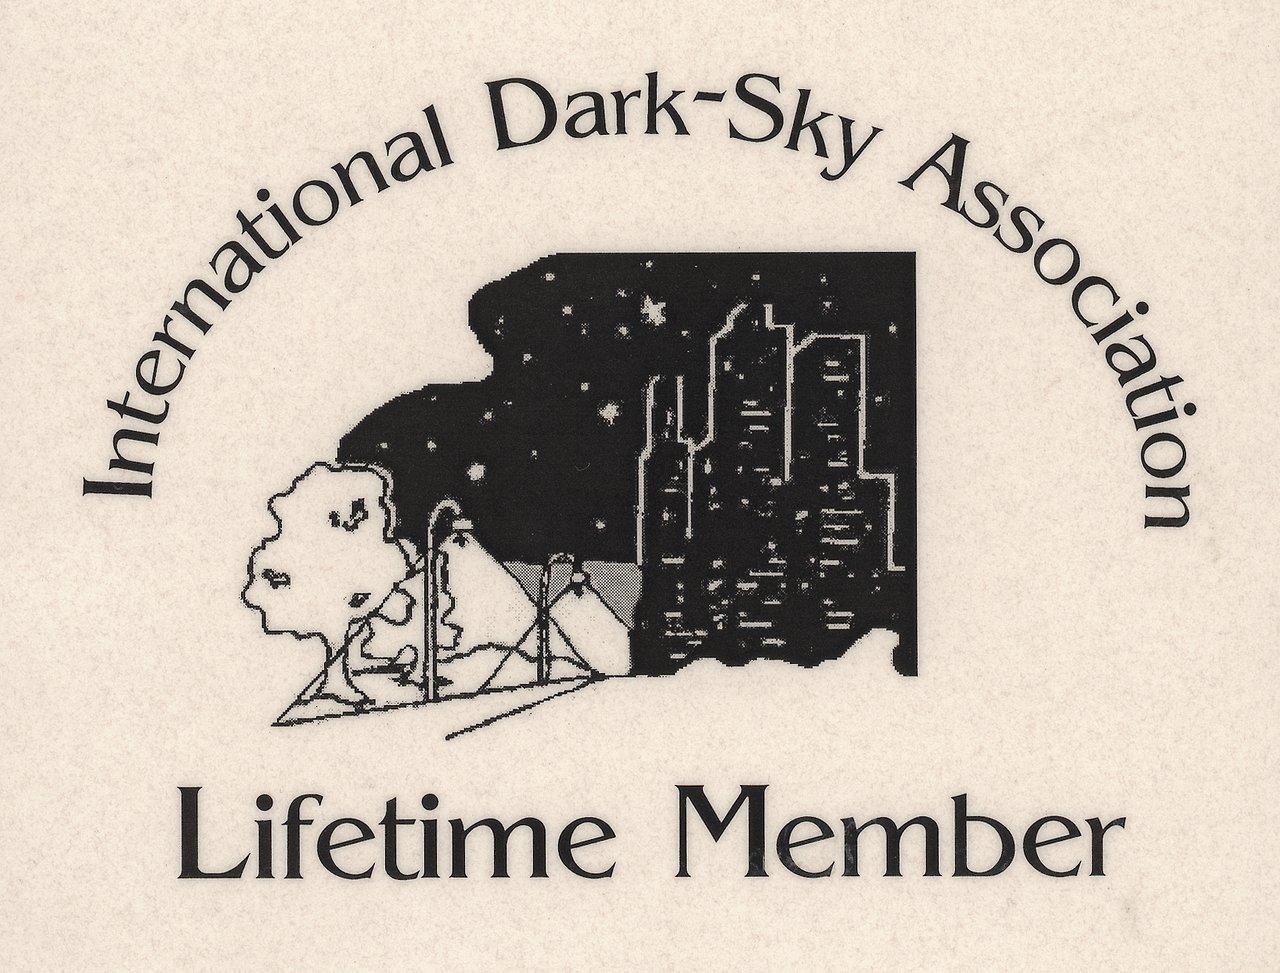 International Dark-Sky Association | ESO